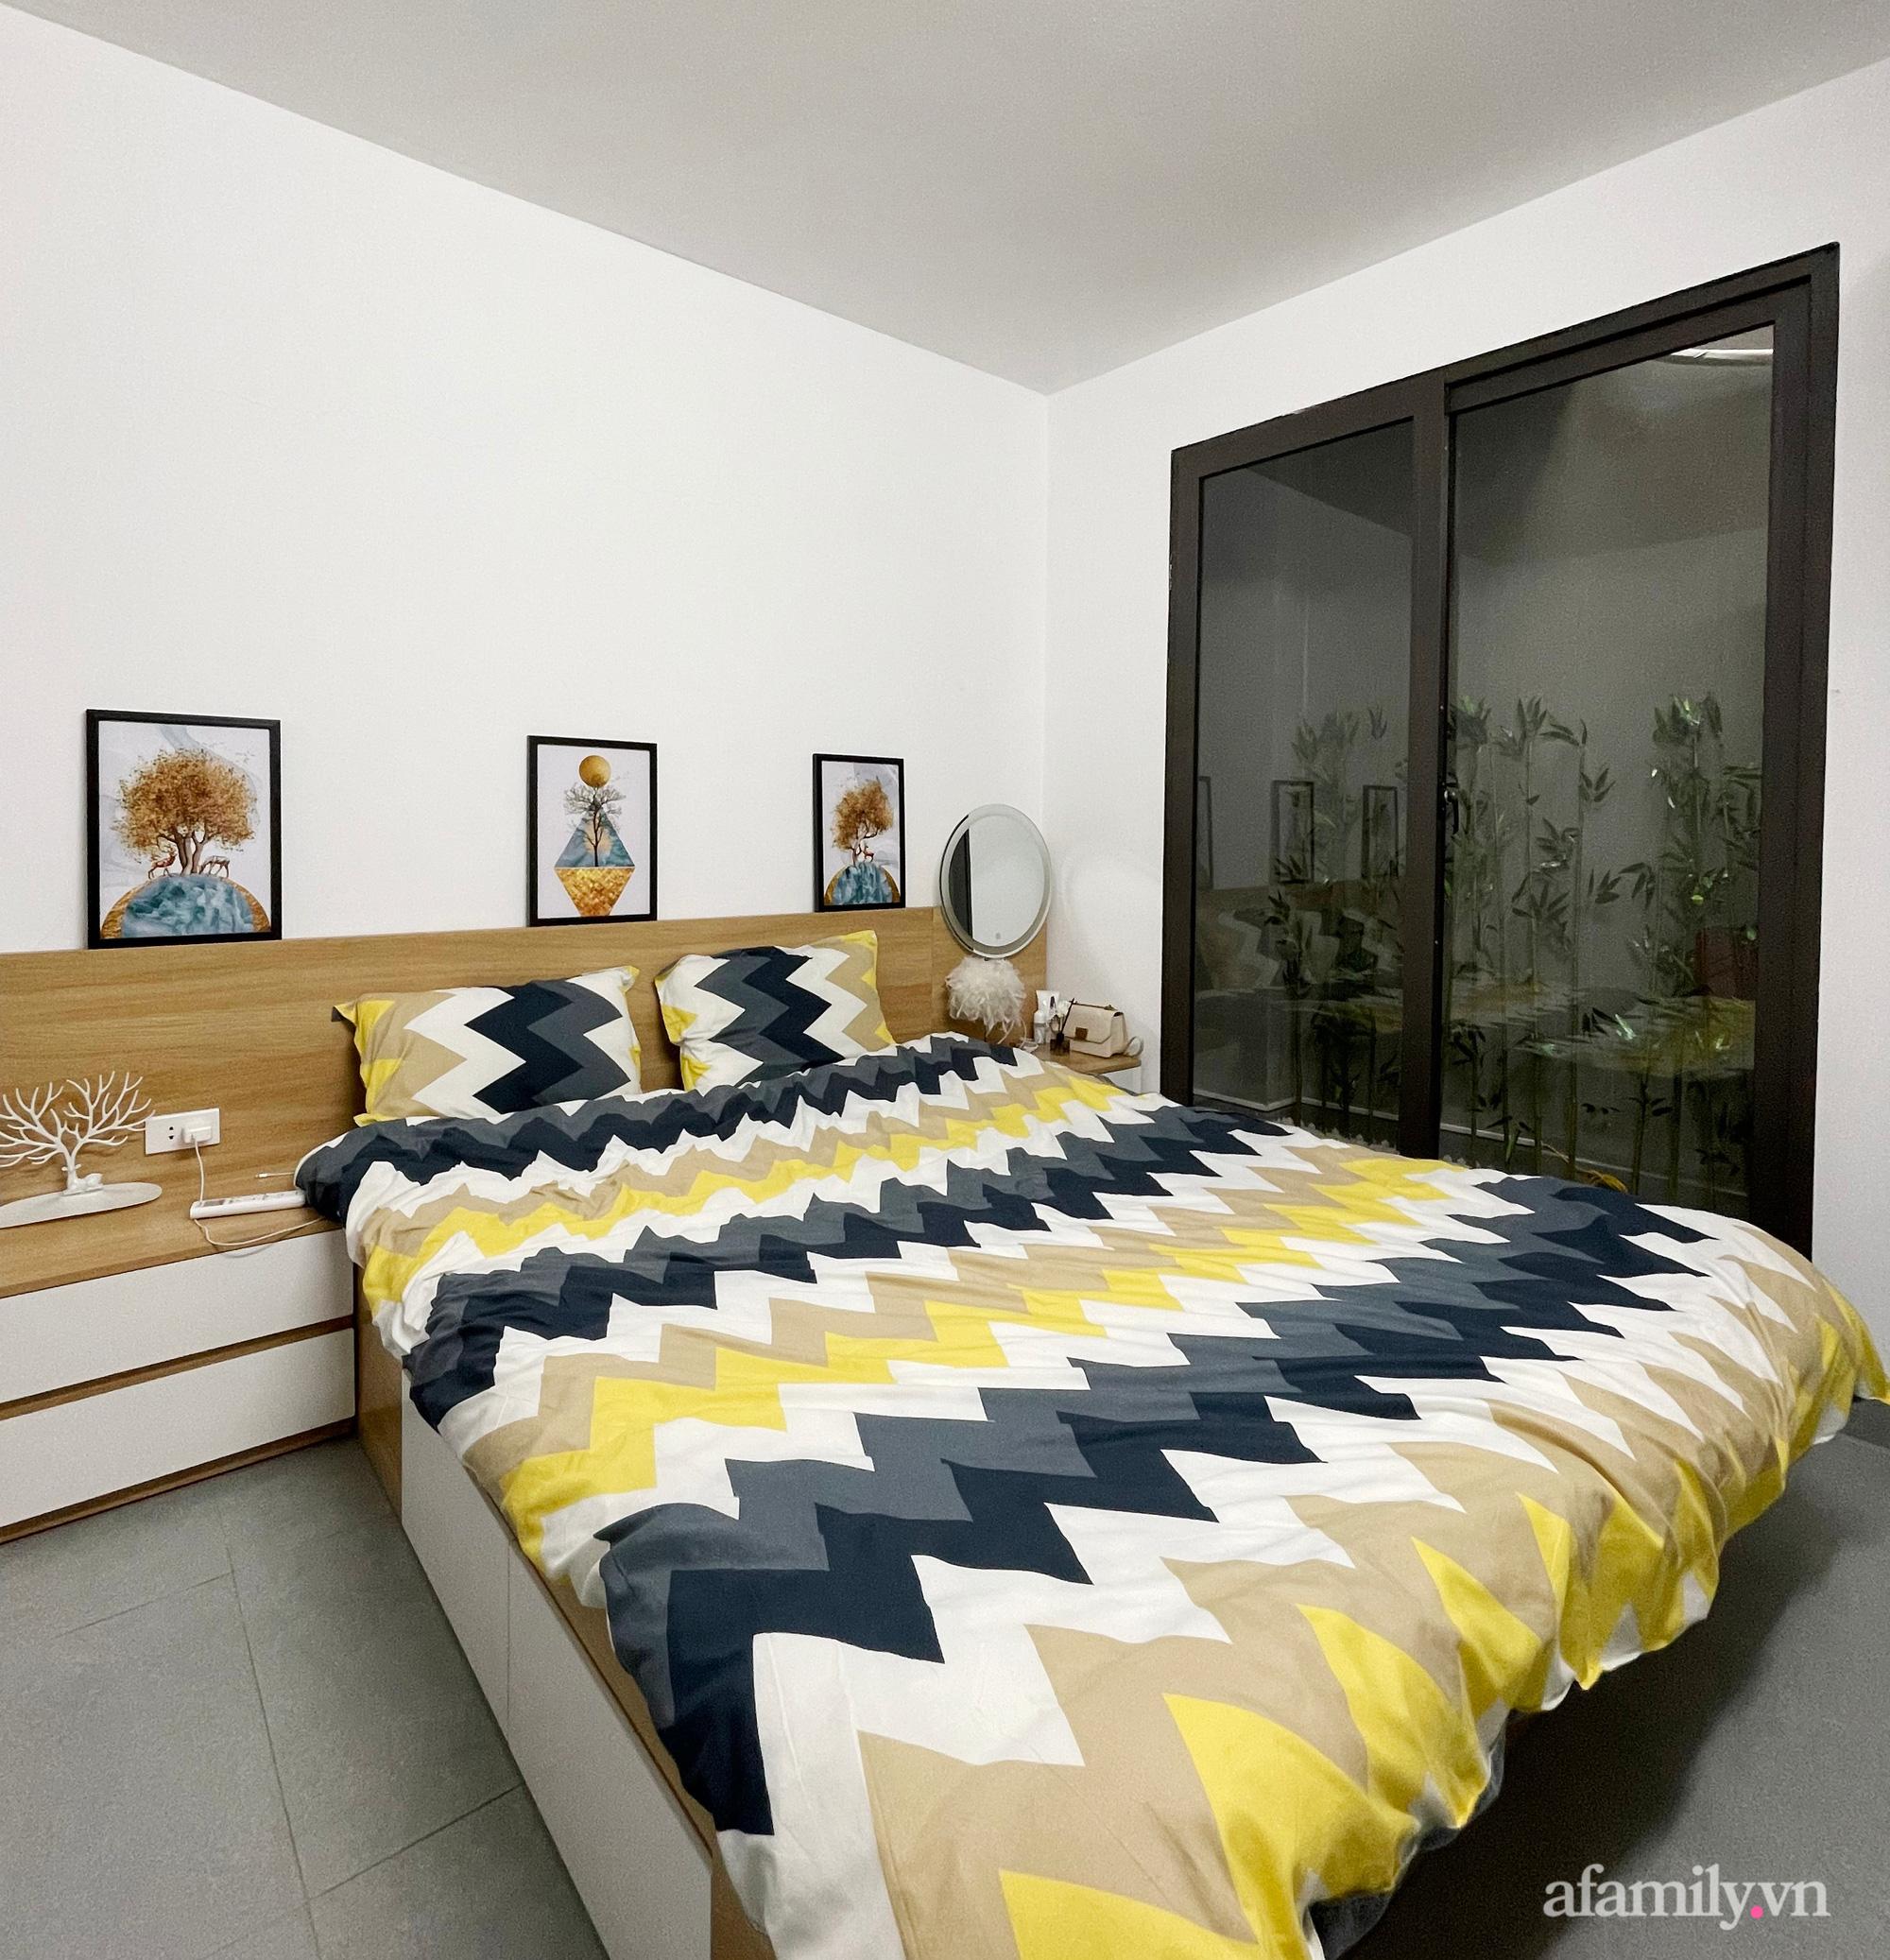 Căn nhà 58m2 được xây dựng đầy đủ chức năng hiện đại của cặp vợ chồng Bắc Ninh có tổng lương 25 triệu/tháng - Ảnh 13.